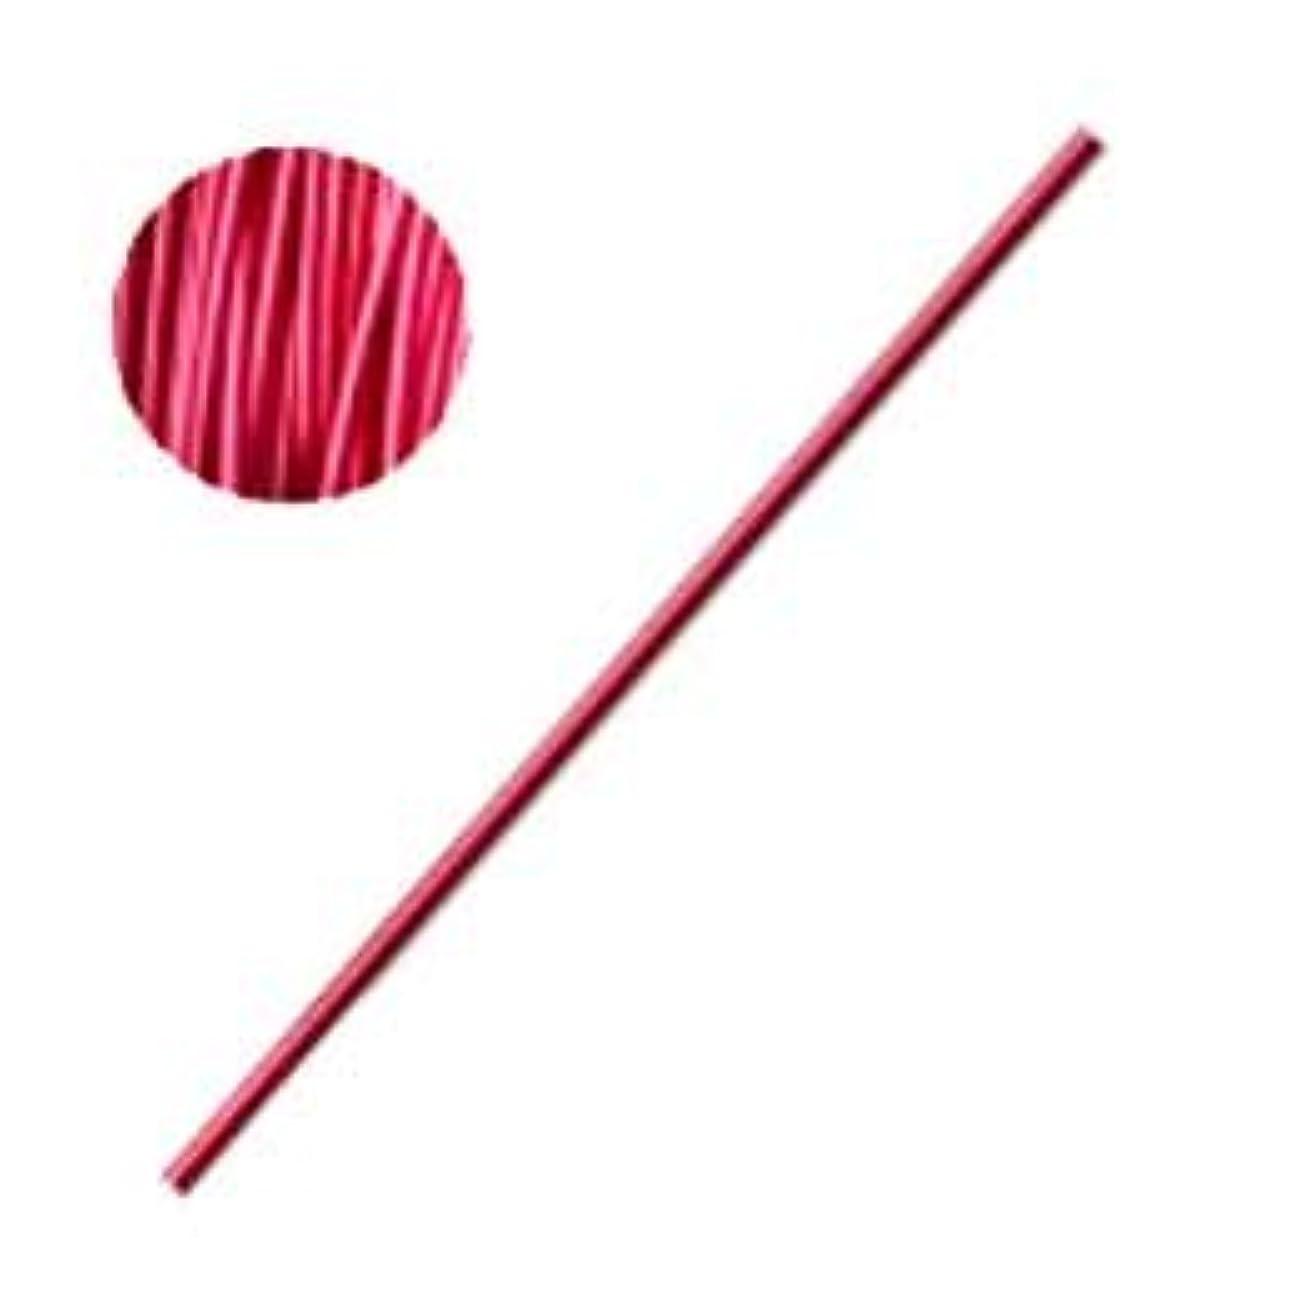 メルボルン散文汚染するBonnail カラーワイヤー ピンク 10cm